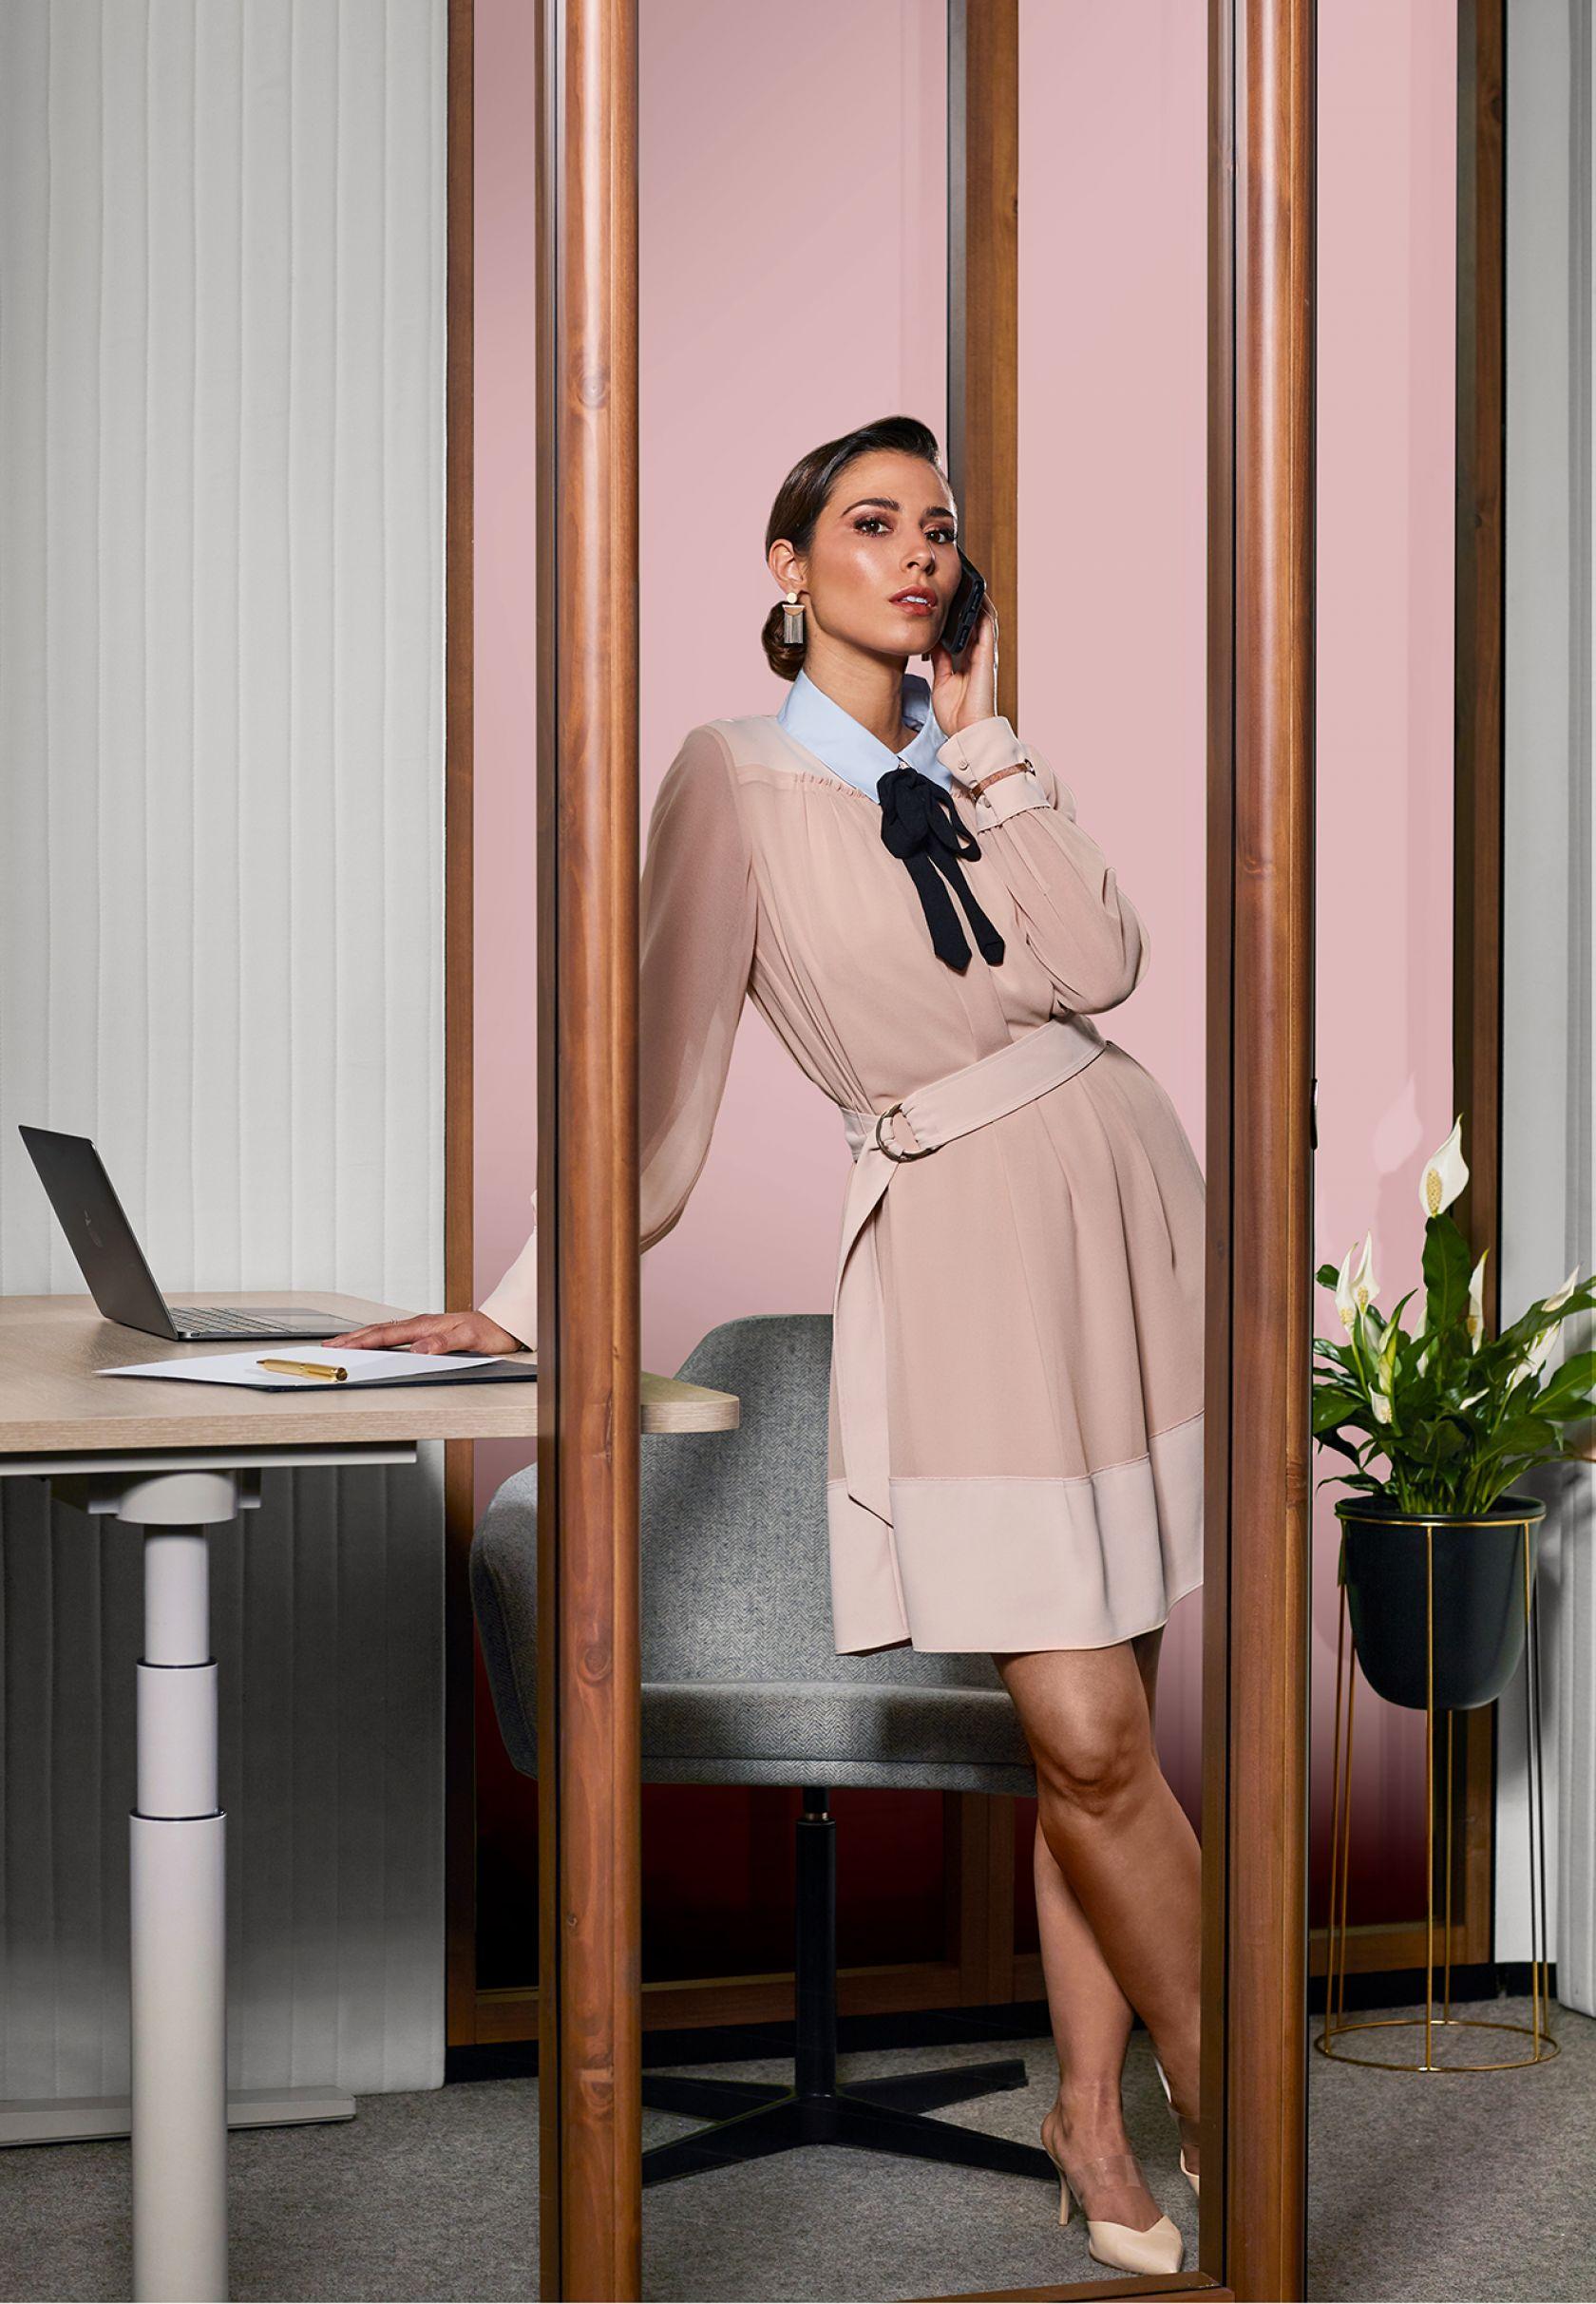 Focus Quiet Work Room / Interior (portrait)